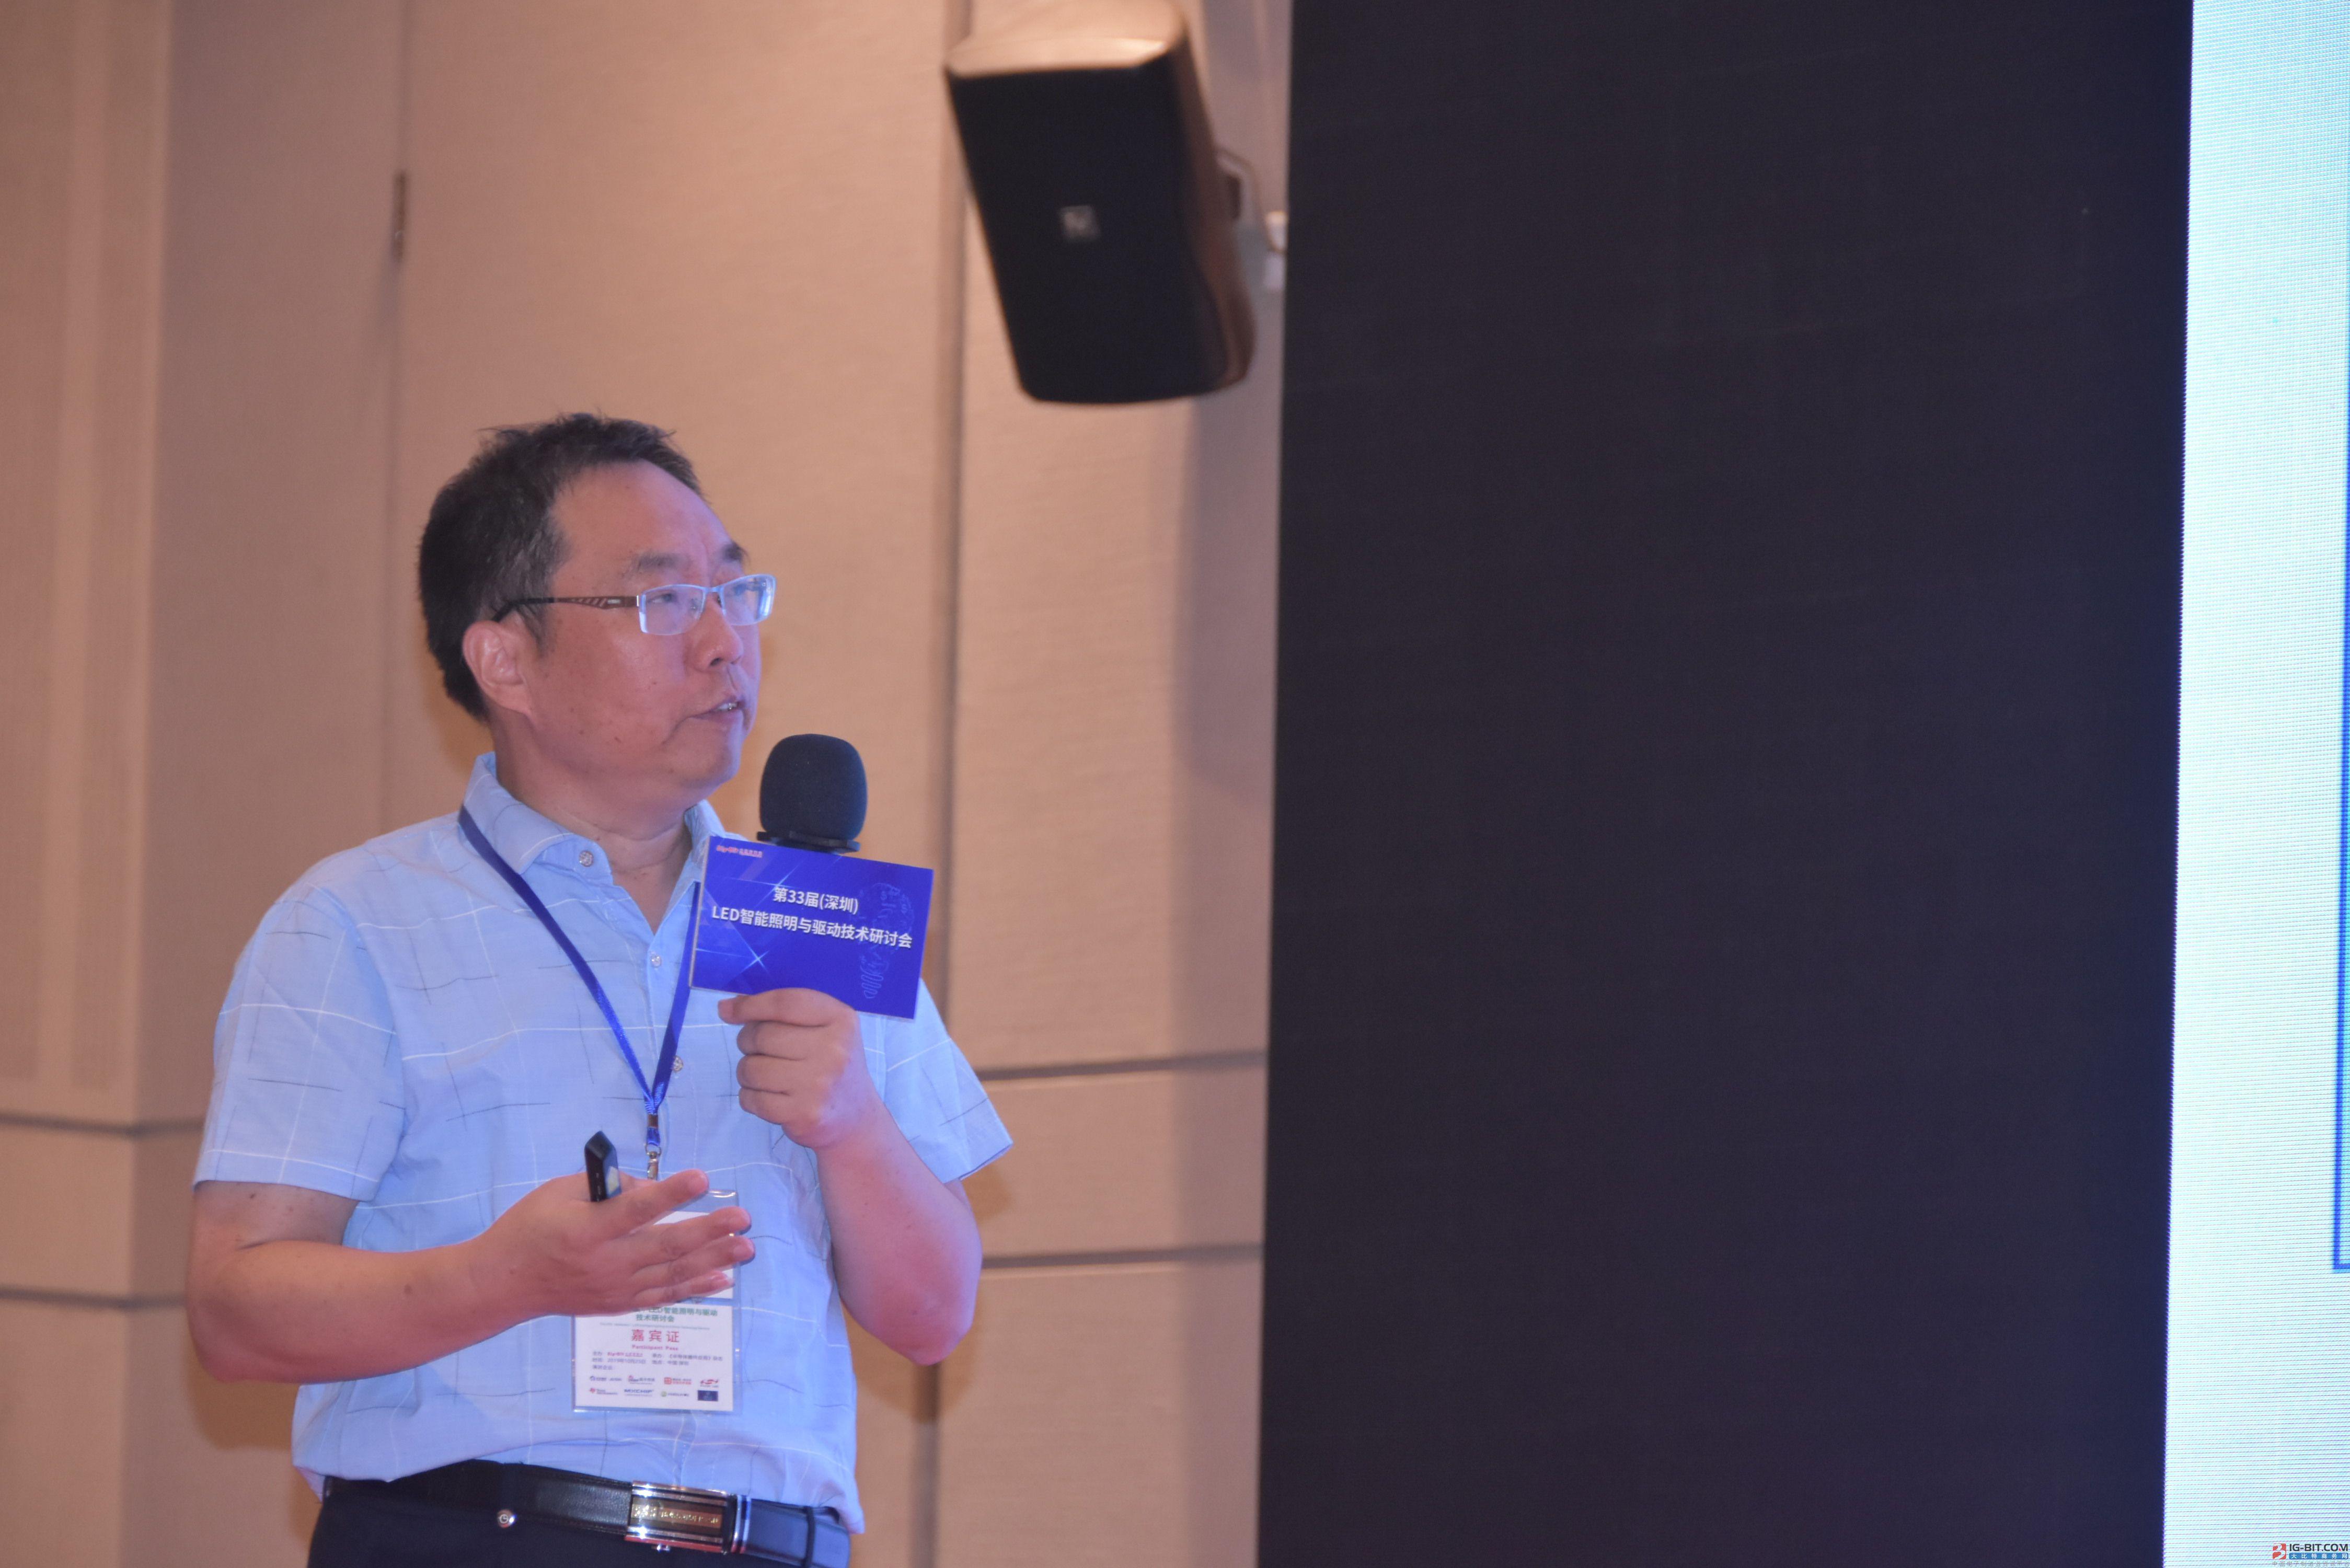 清华大学深圳国际研究生院主任钱可元